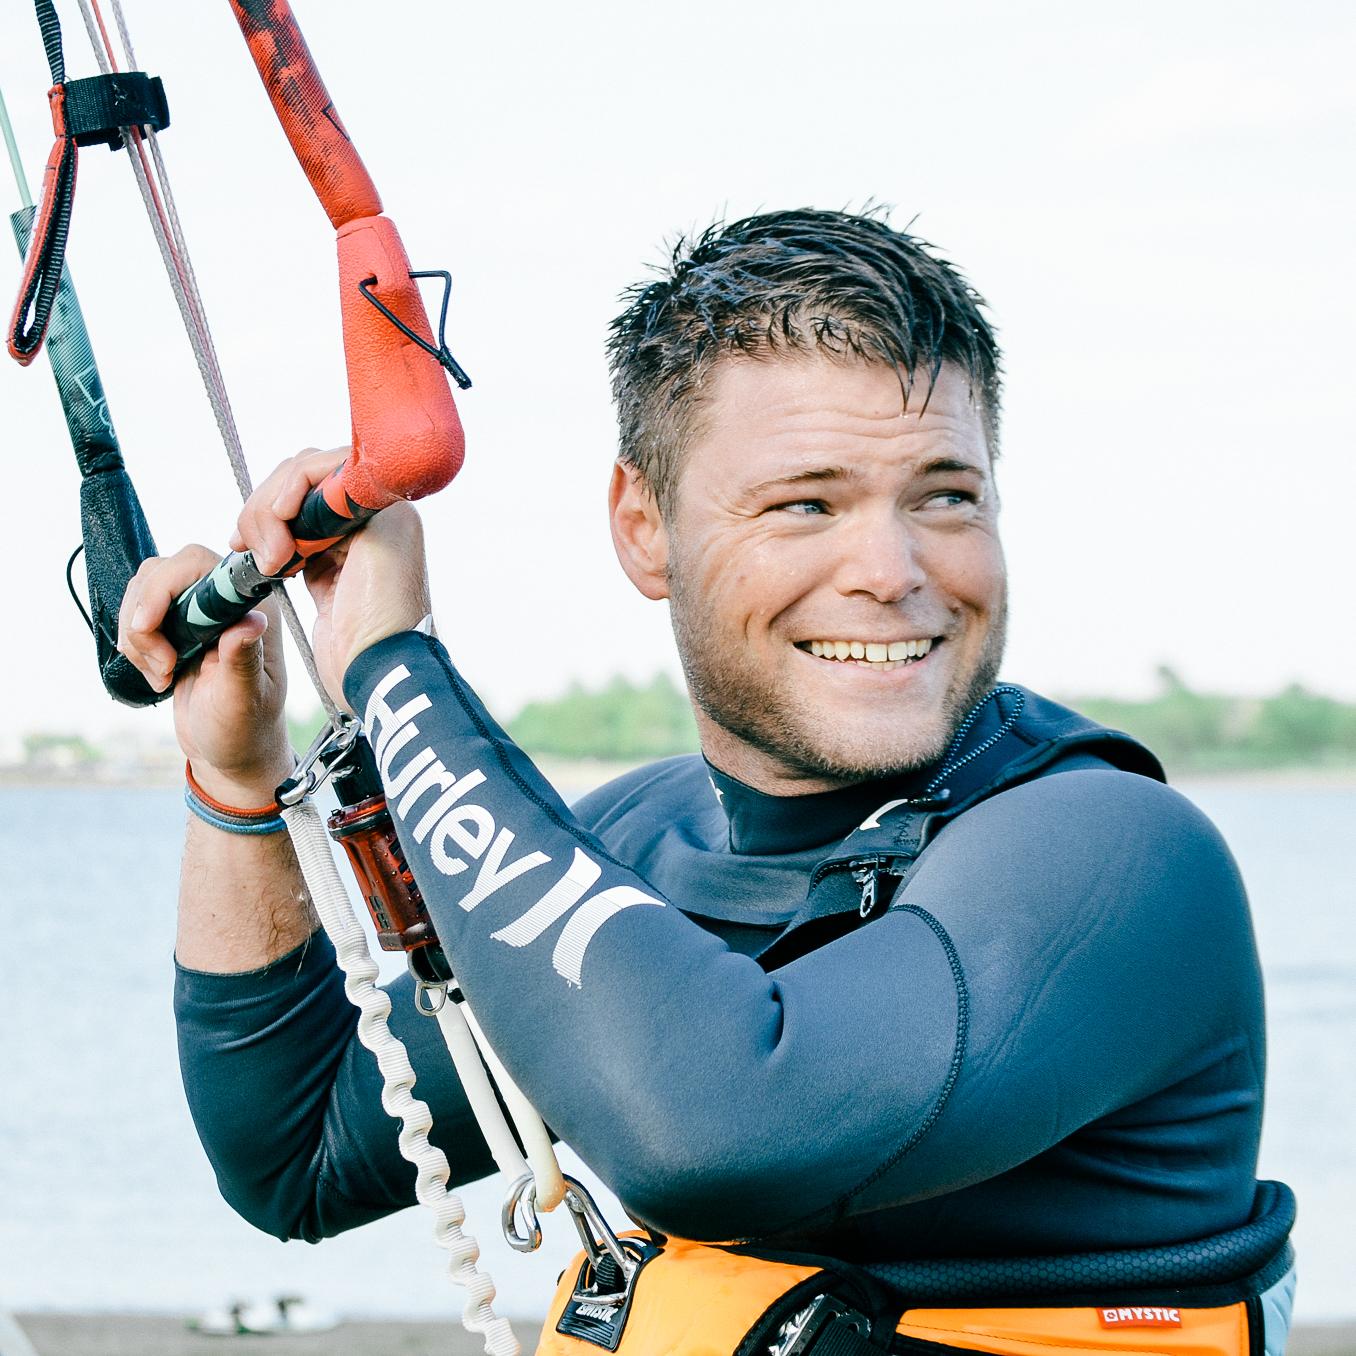 Leo Koenig co-founder Woo Sports